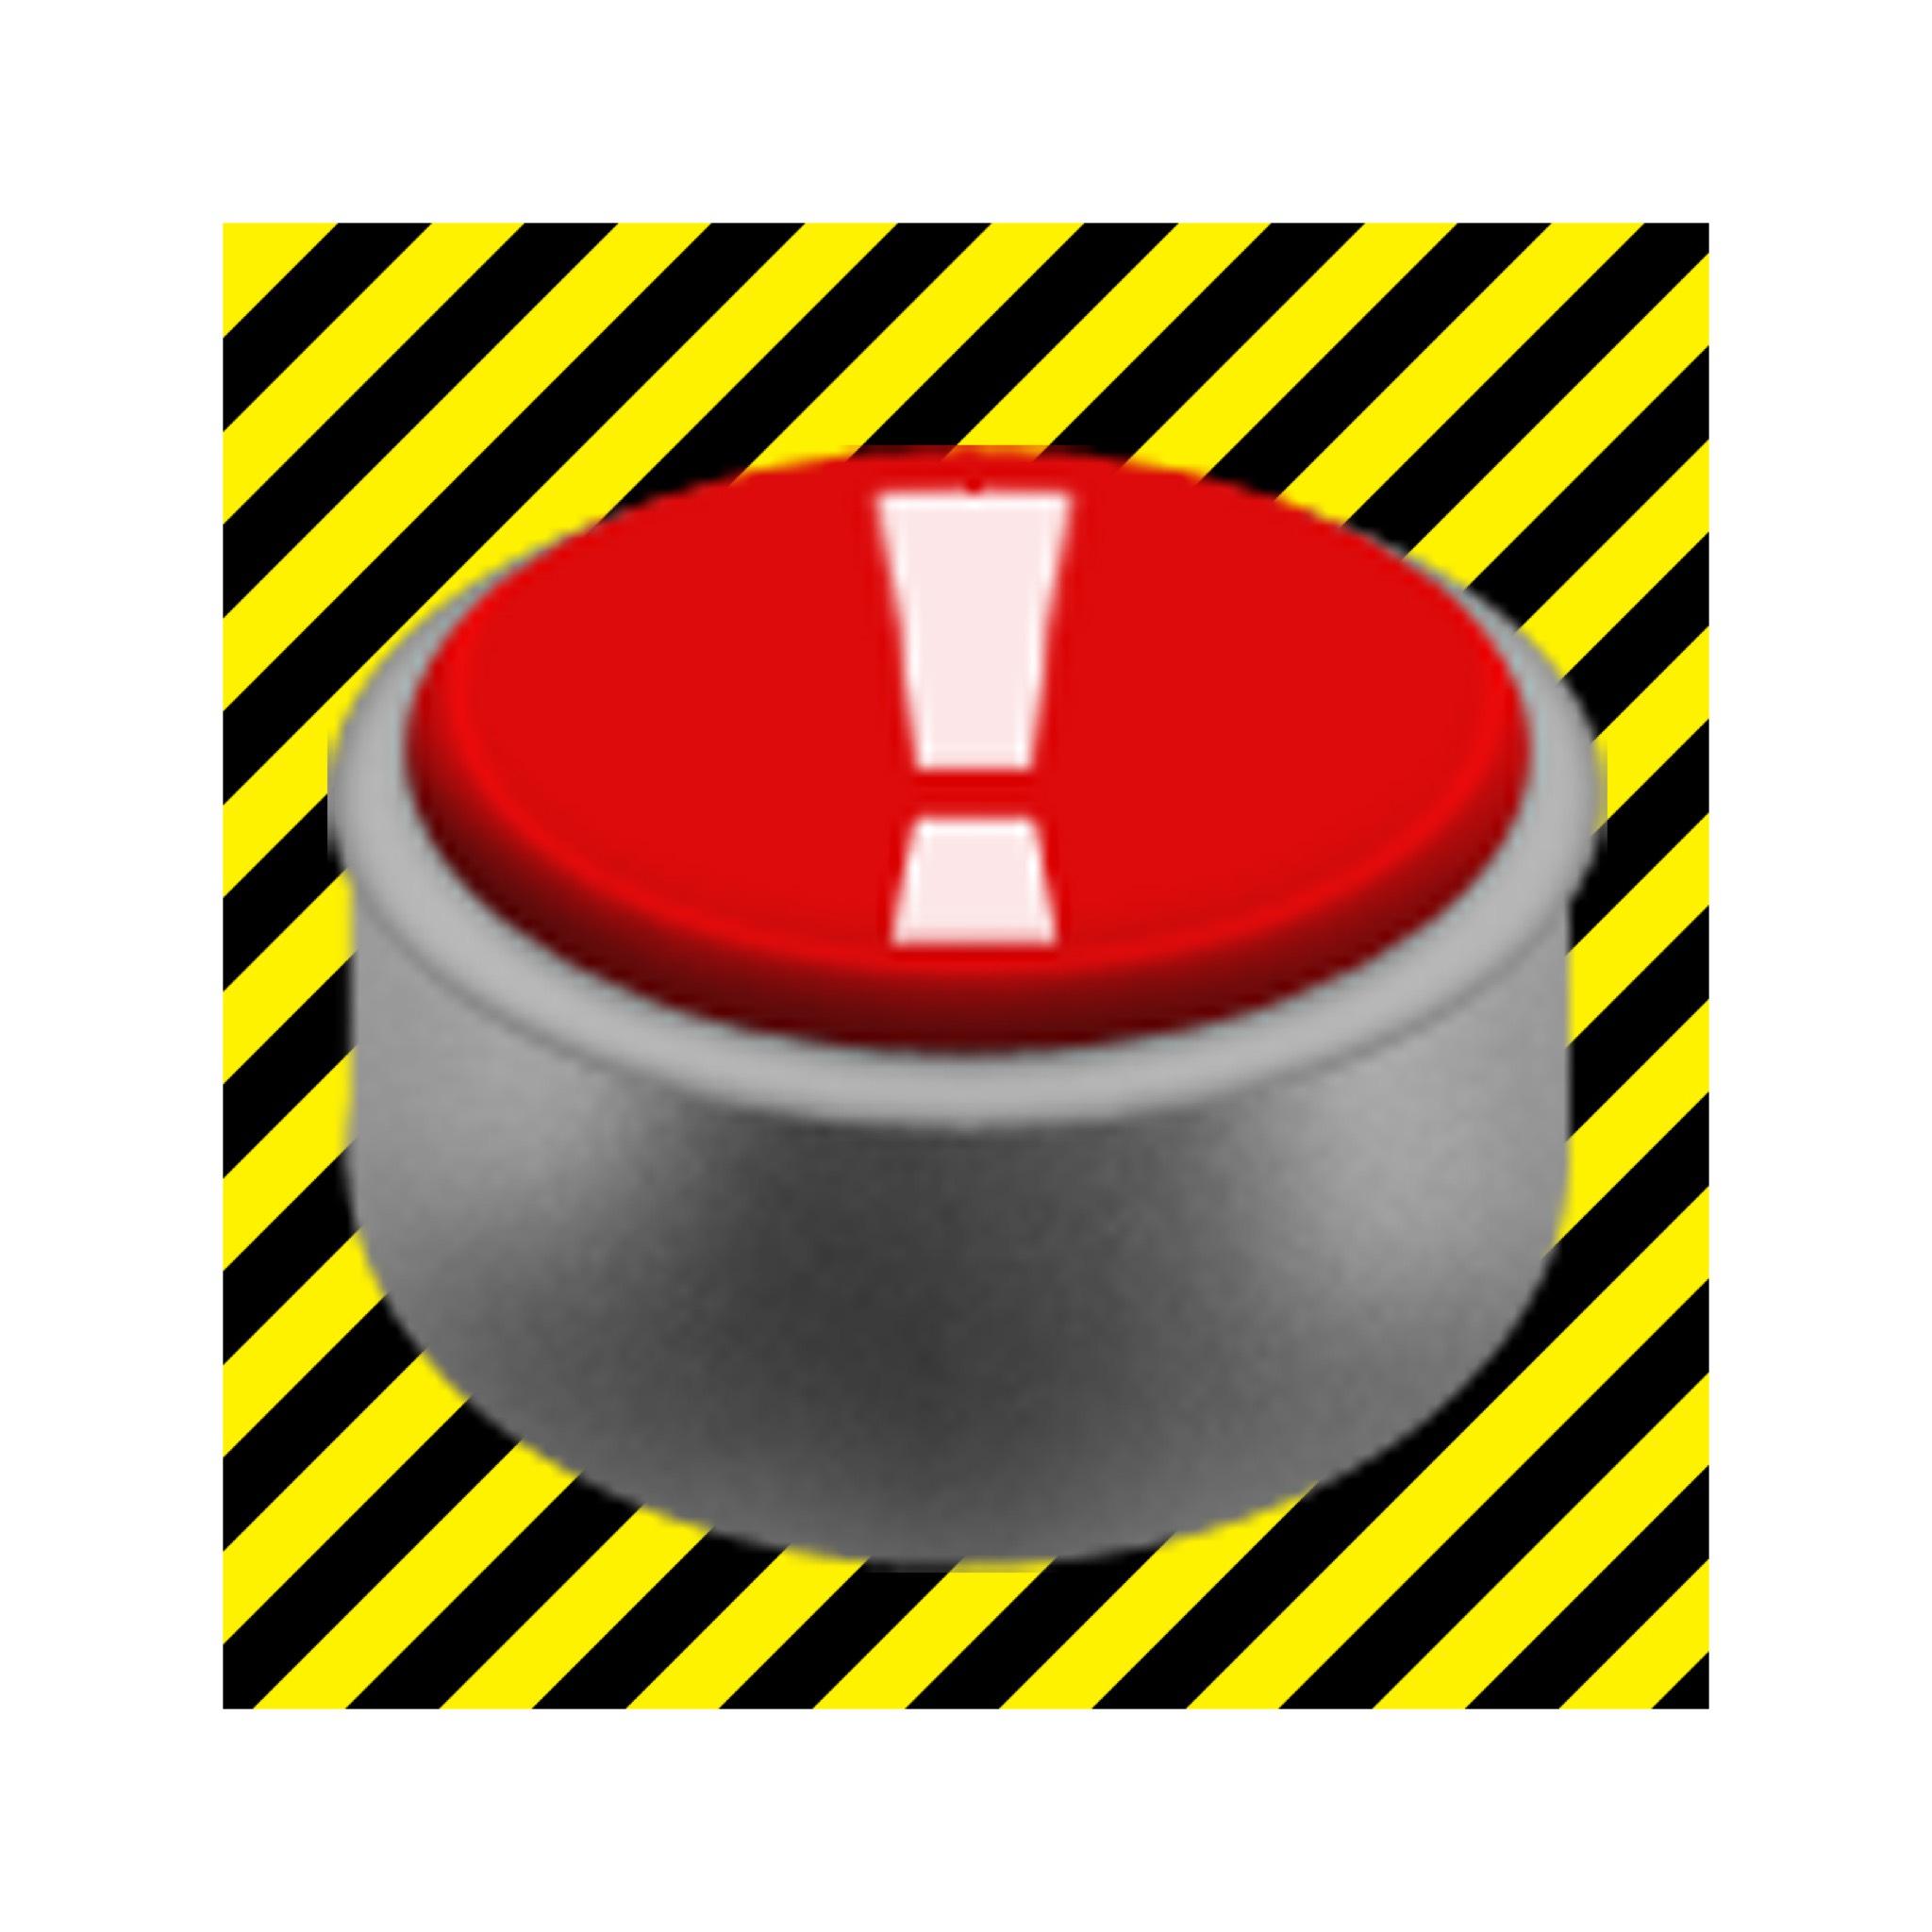 iphoneアプリ爆弾スイッチの画像